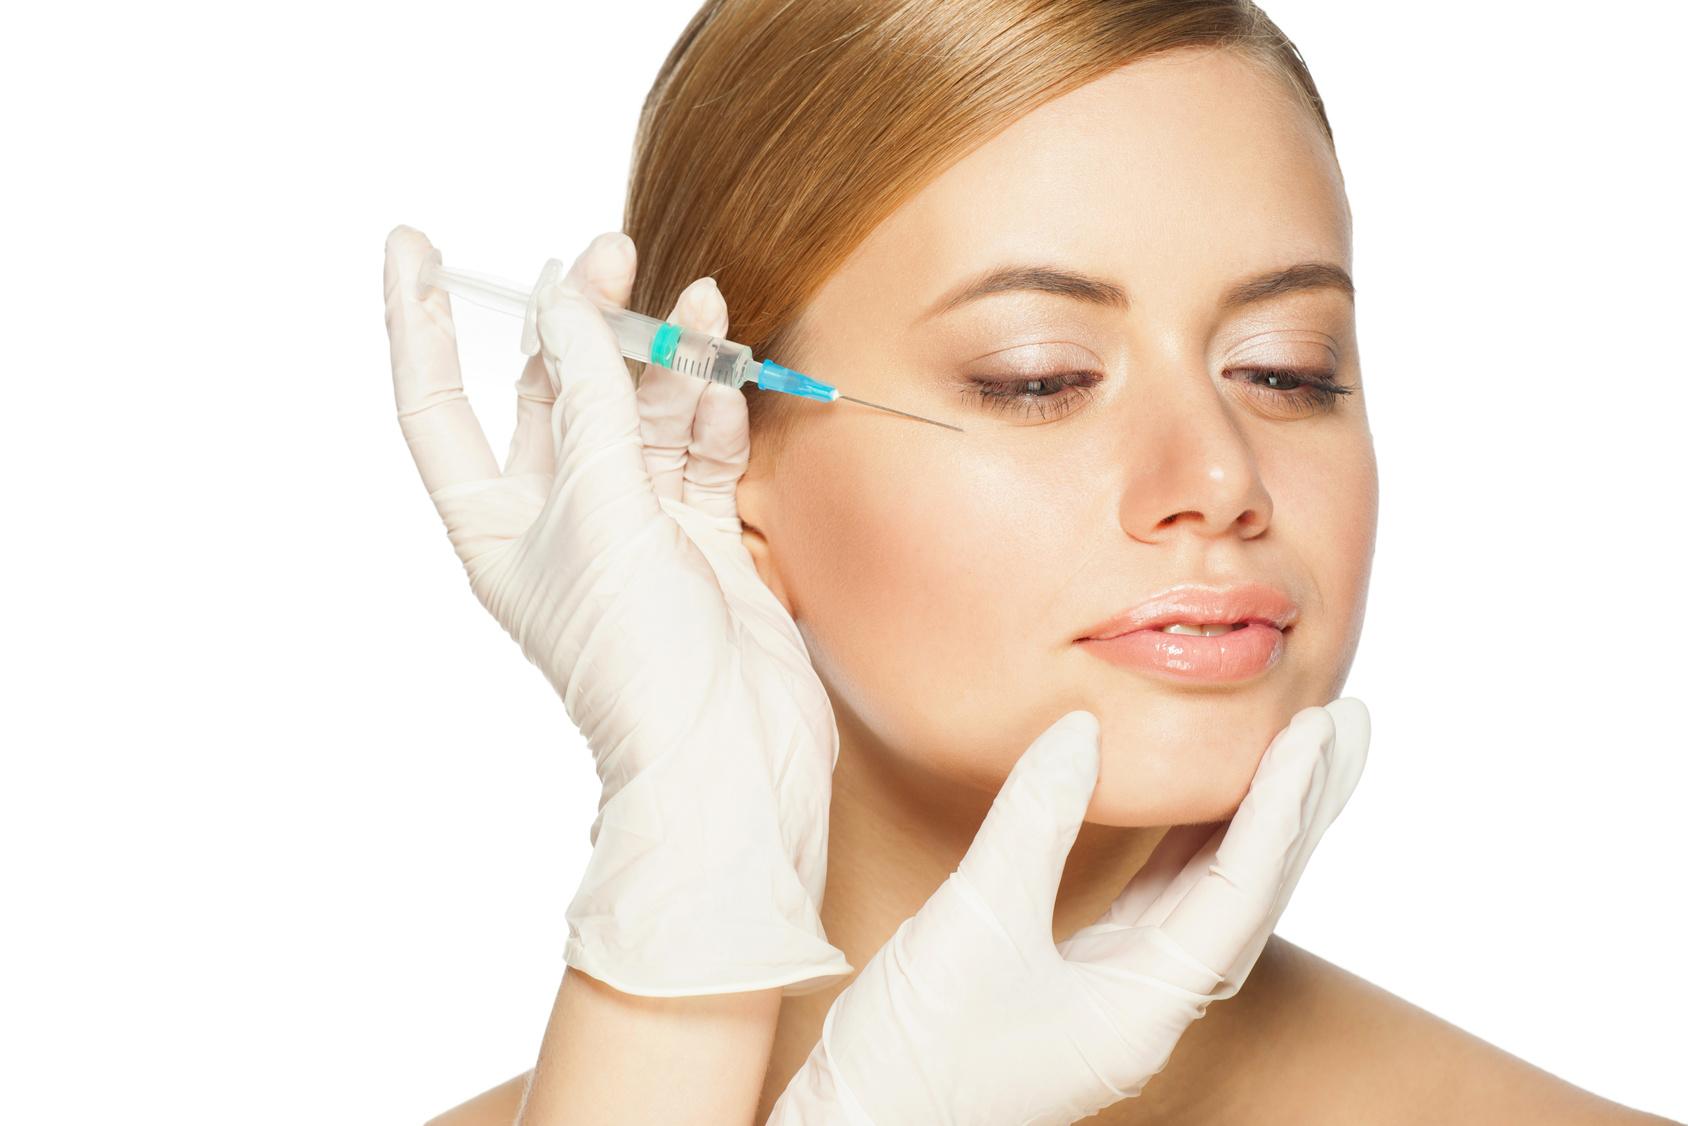 Botox-Behandlung mit Injektionen von Botulinumtoxin A